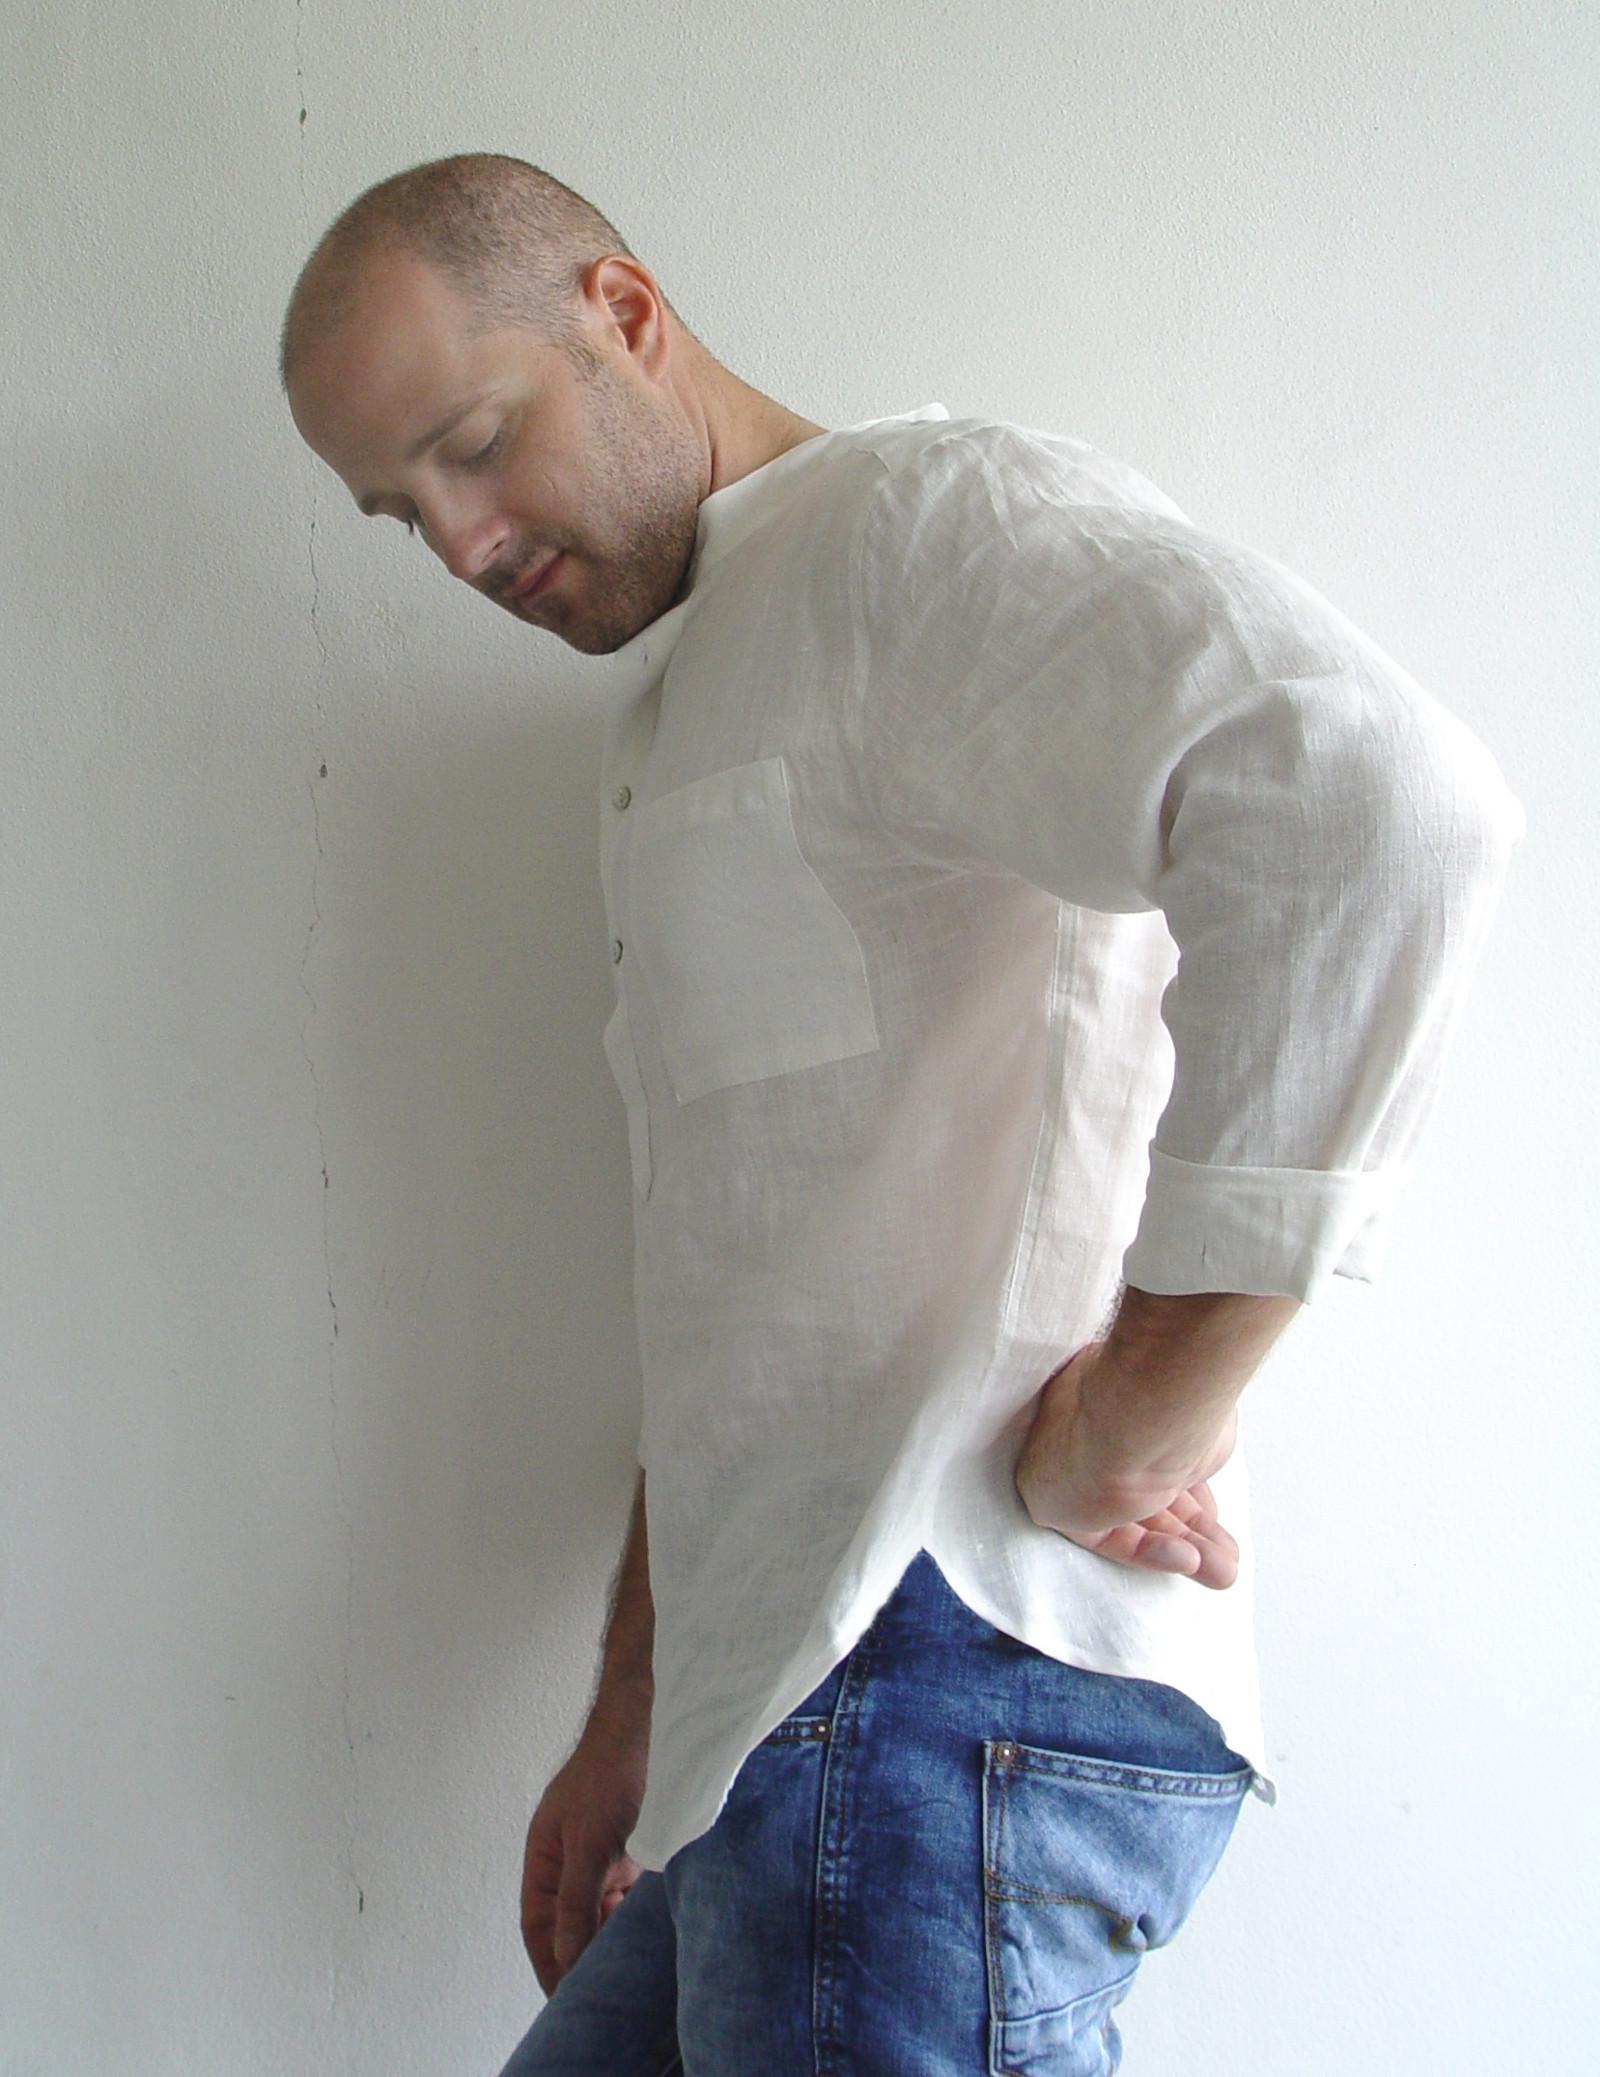 LNĚNÉ DOTEKY .... vel. XL - lněná košile   Zboží prodejce siska111 ... a986832418